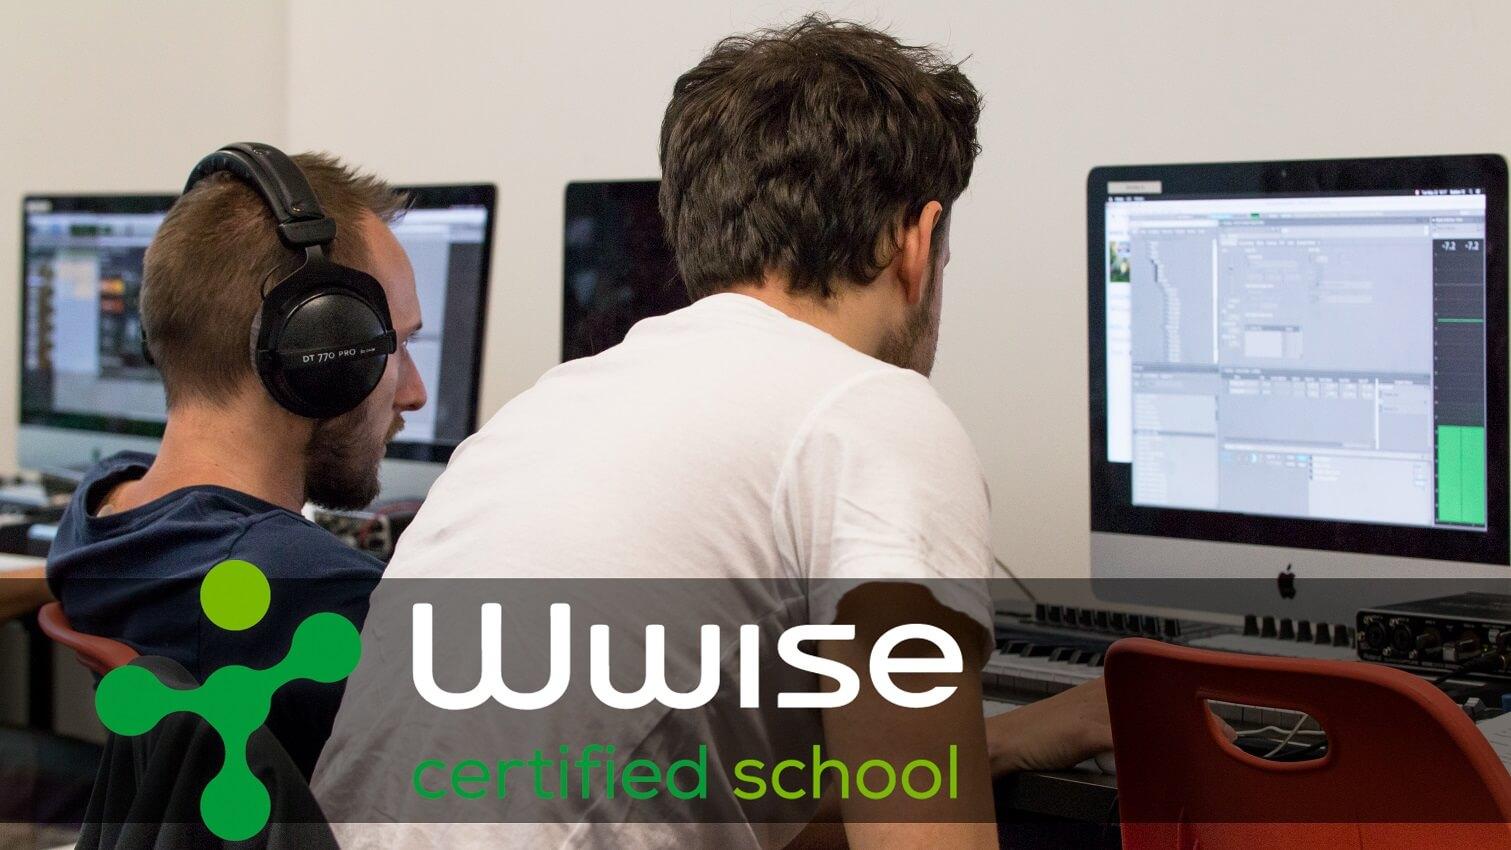 Wwise Certified School Musitechnic